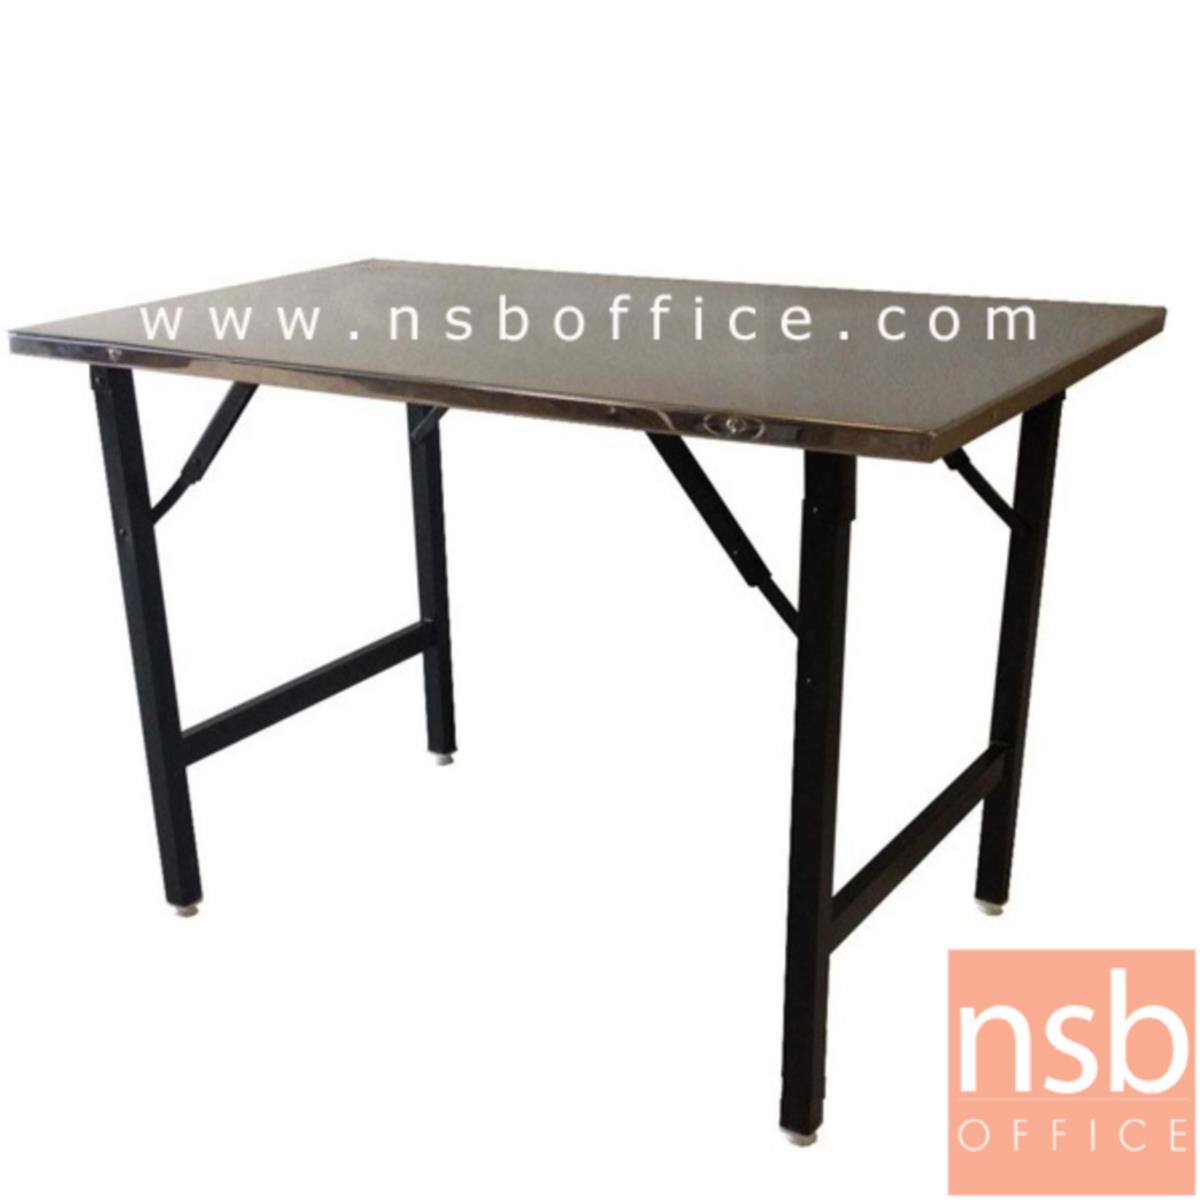 G12A159:โต๊ะพับหน้าสเตนเลส  ขนาด 105W, 115W cm.  ขาเหล็กดำ